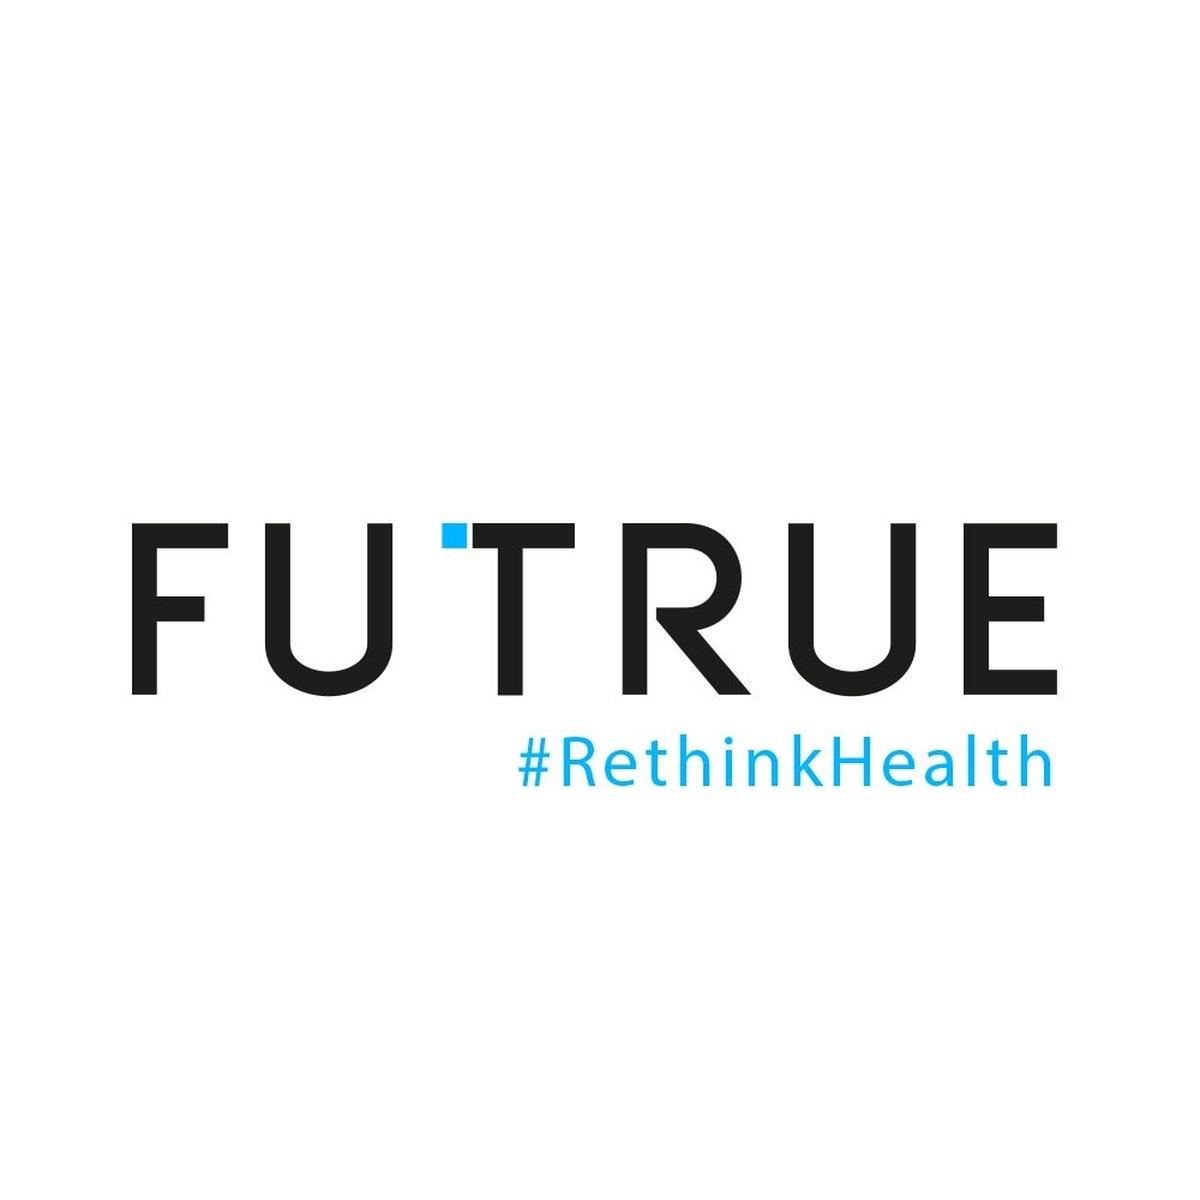 FUTRUE GmbH